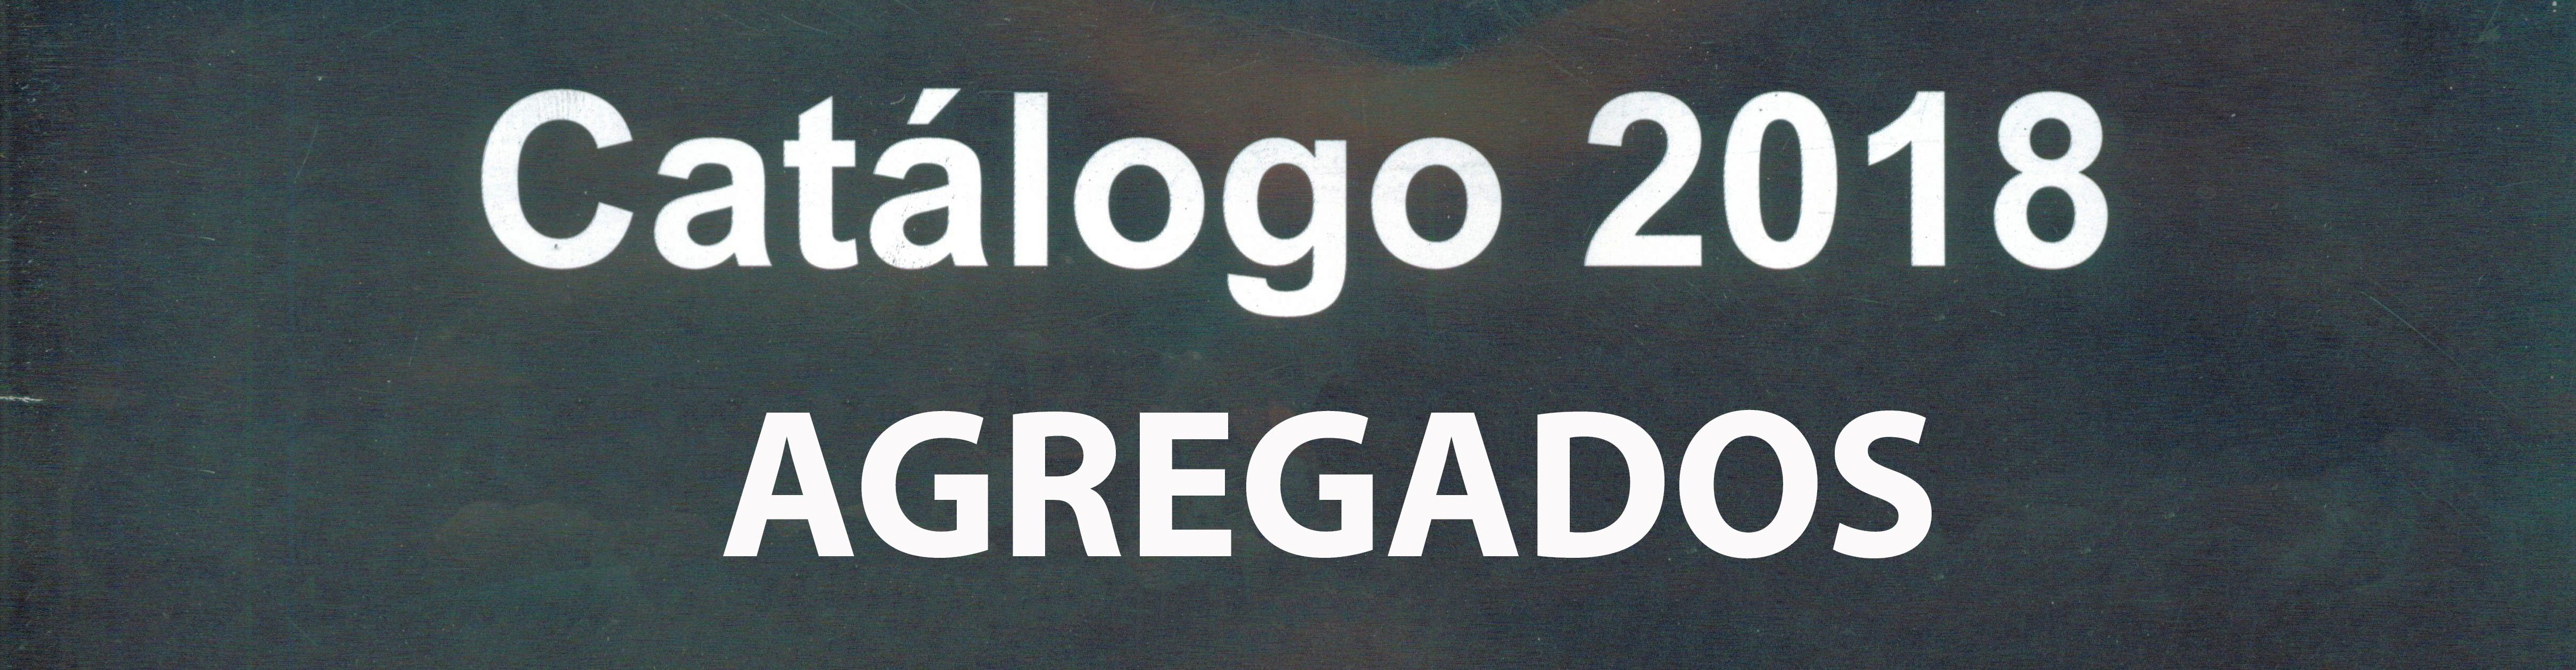 AGREGADOS CATALOGO 2018 (JULIO 2021)